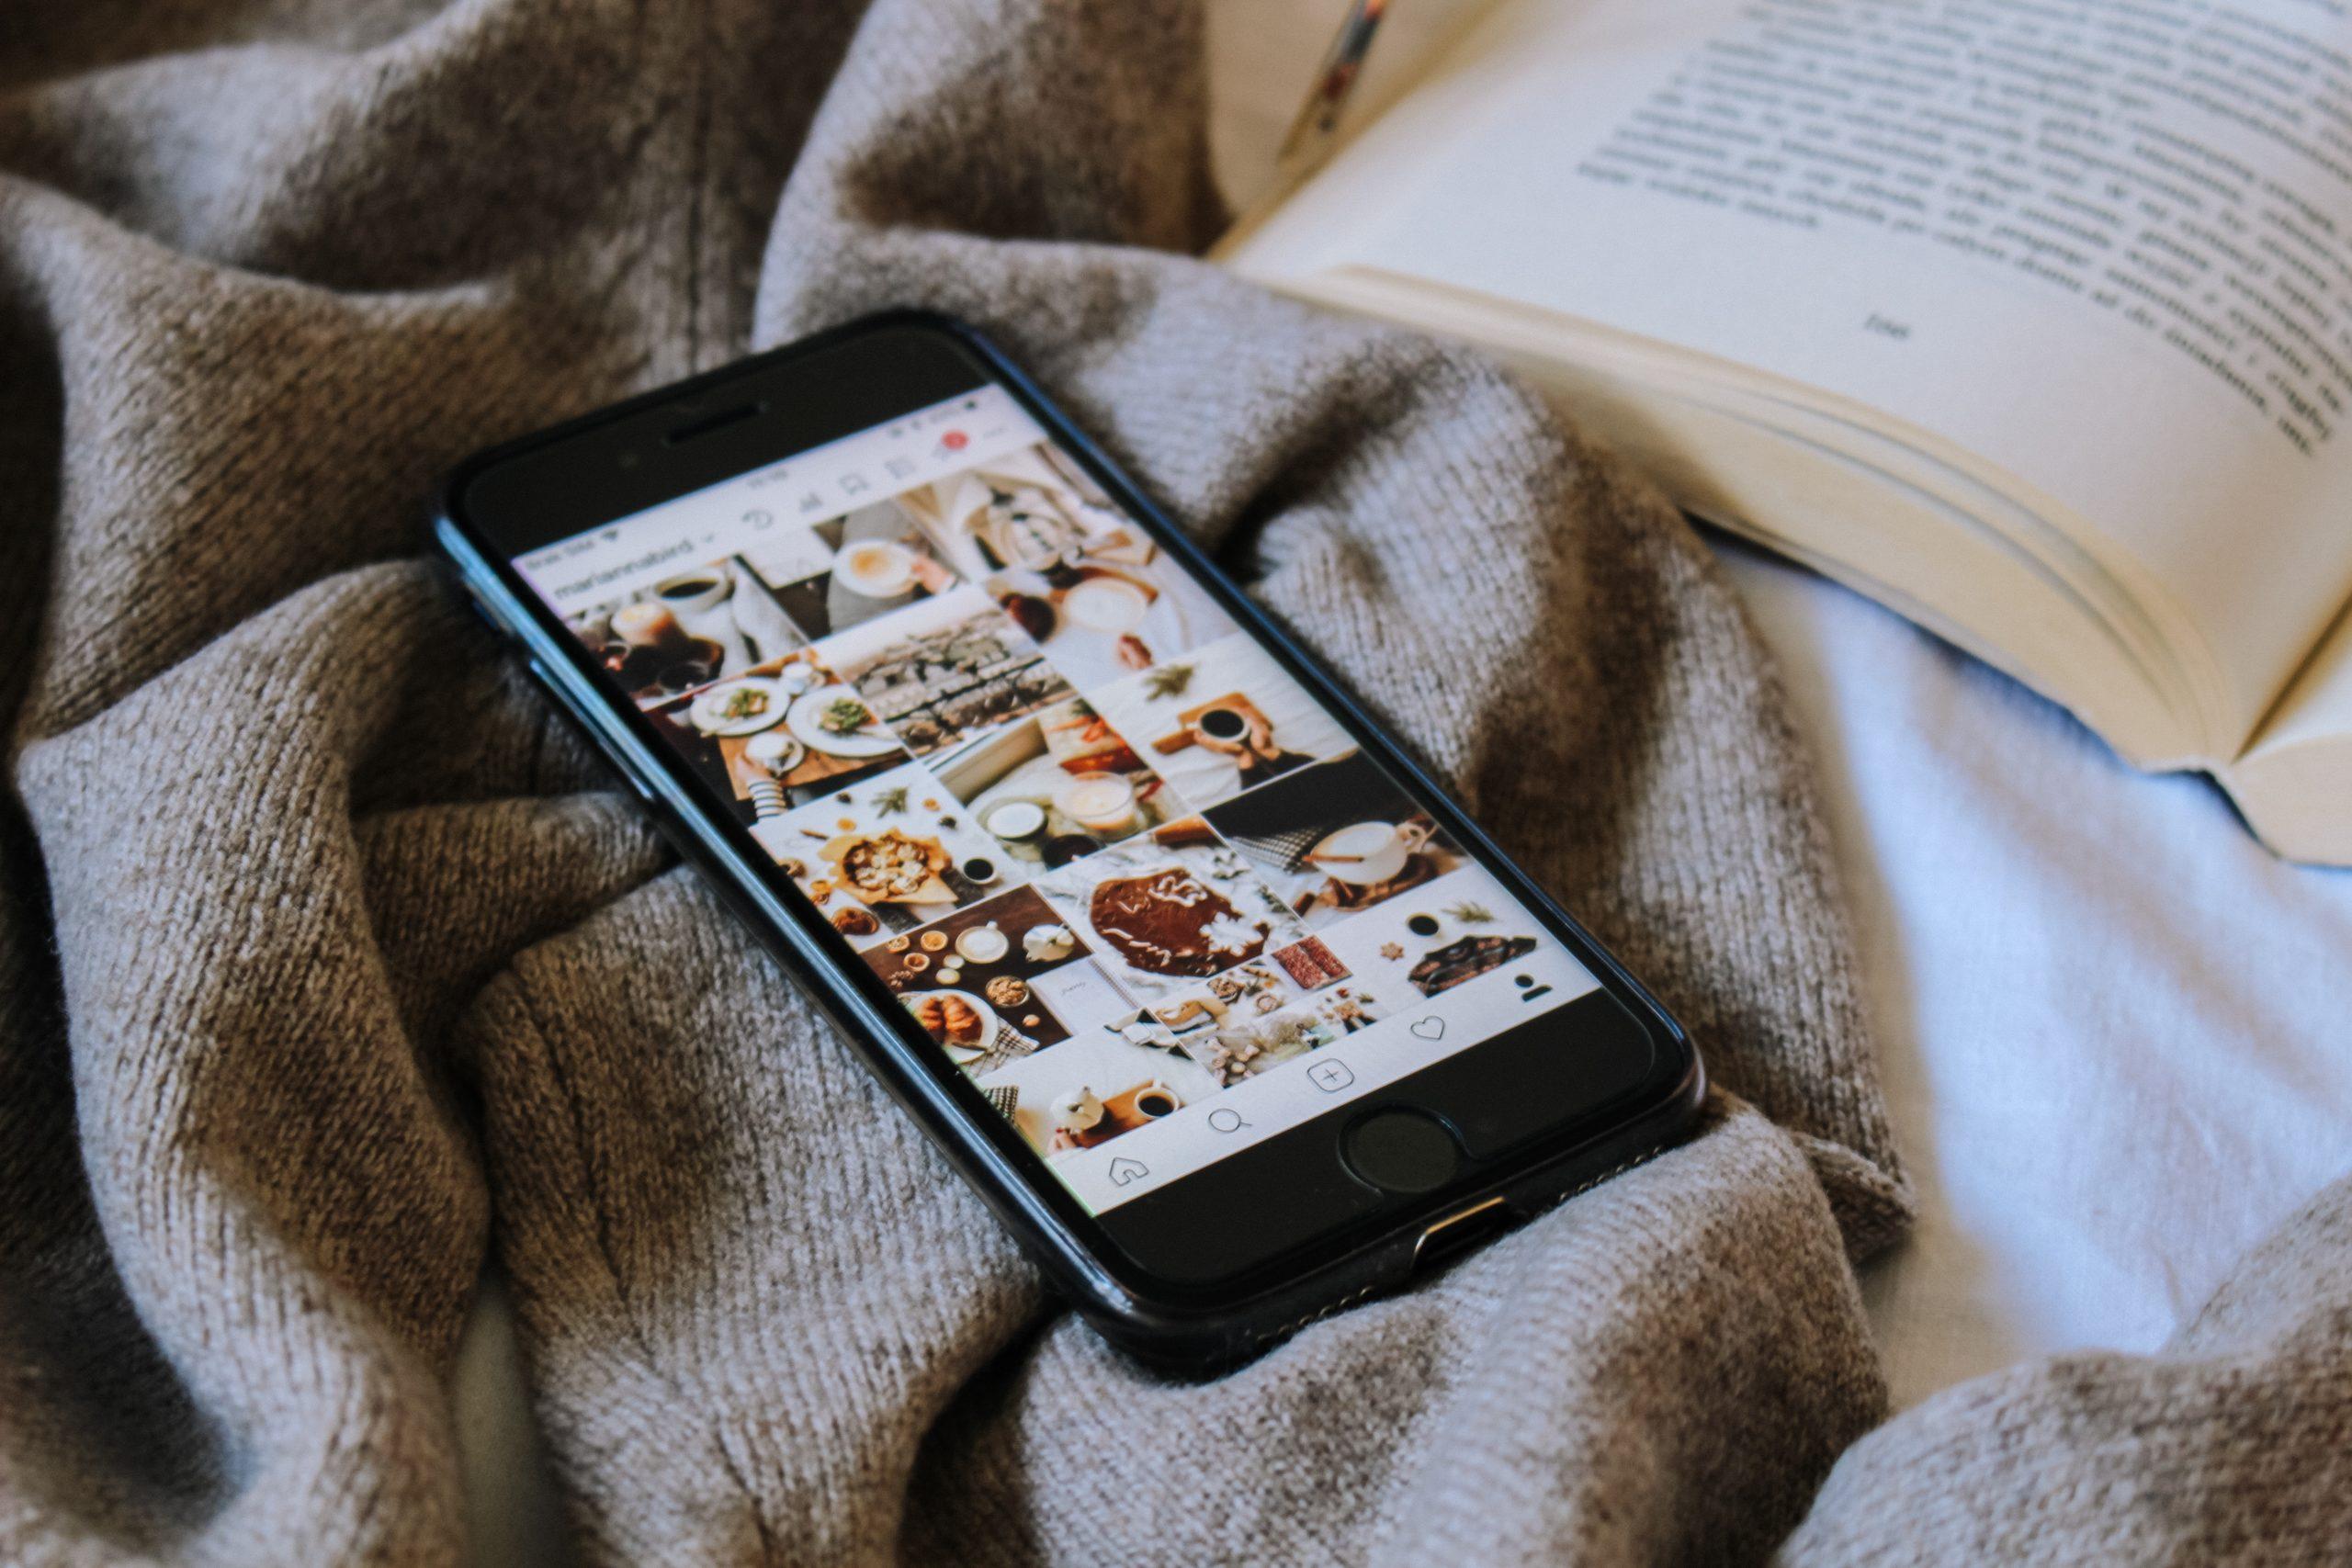 Les réseaux sociaux sont rendus indispensables dans nos journées et nous avons tous adopté les mêmes habitudes.